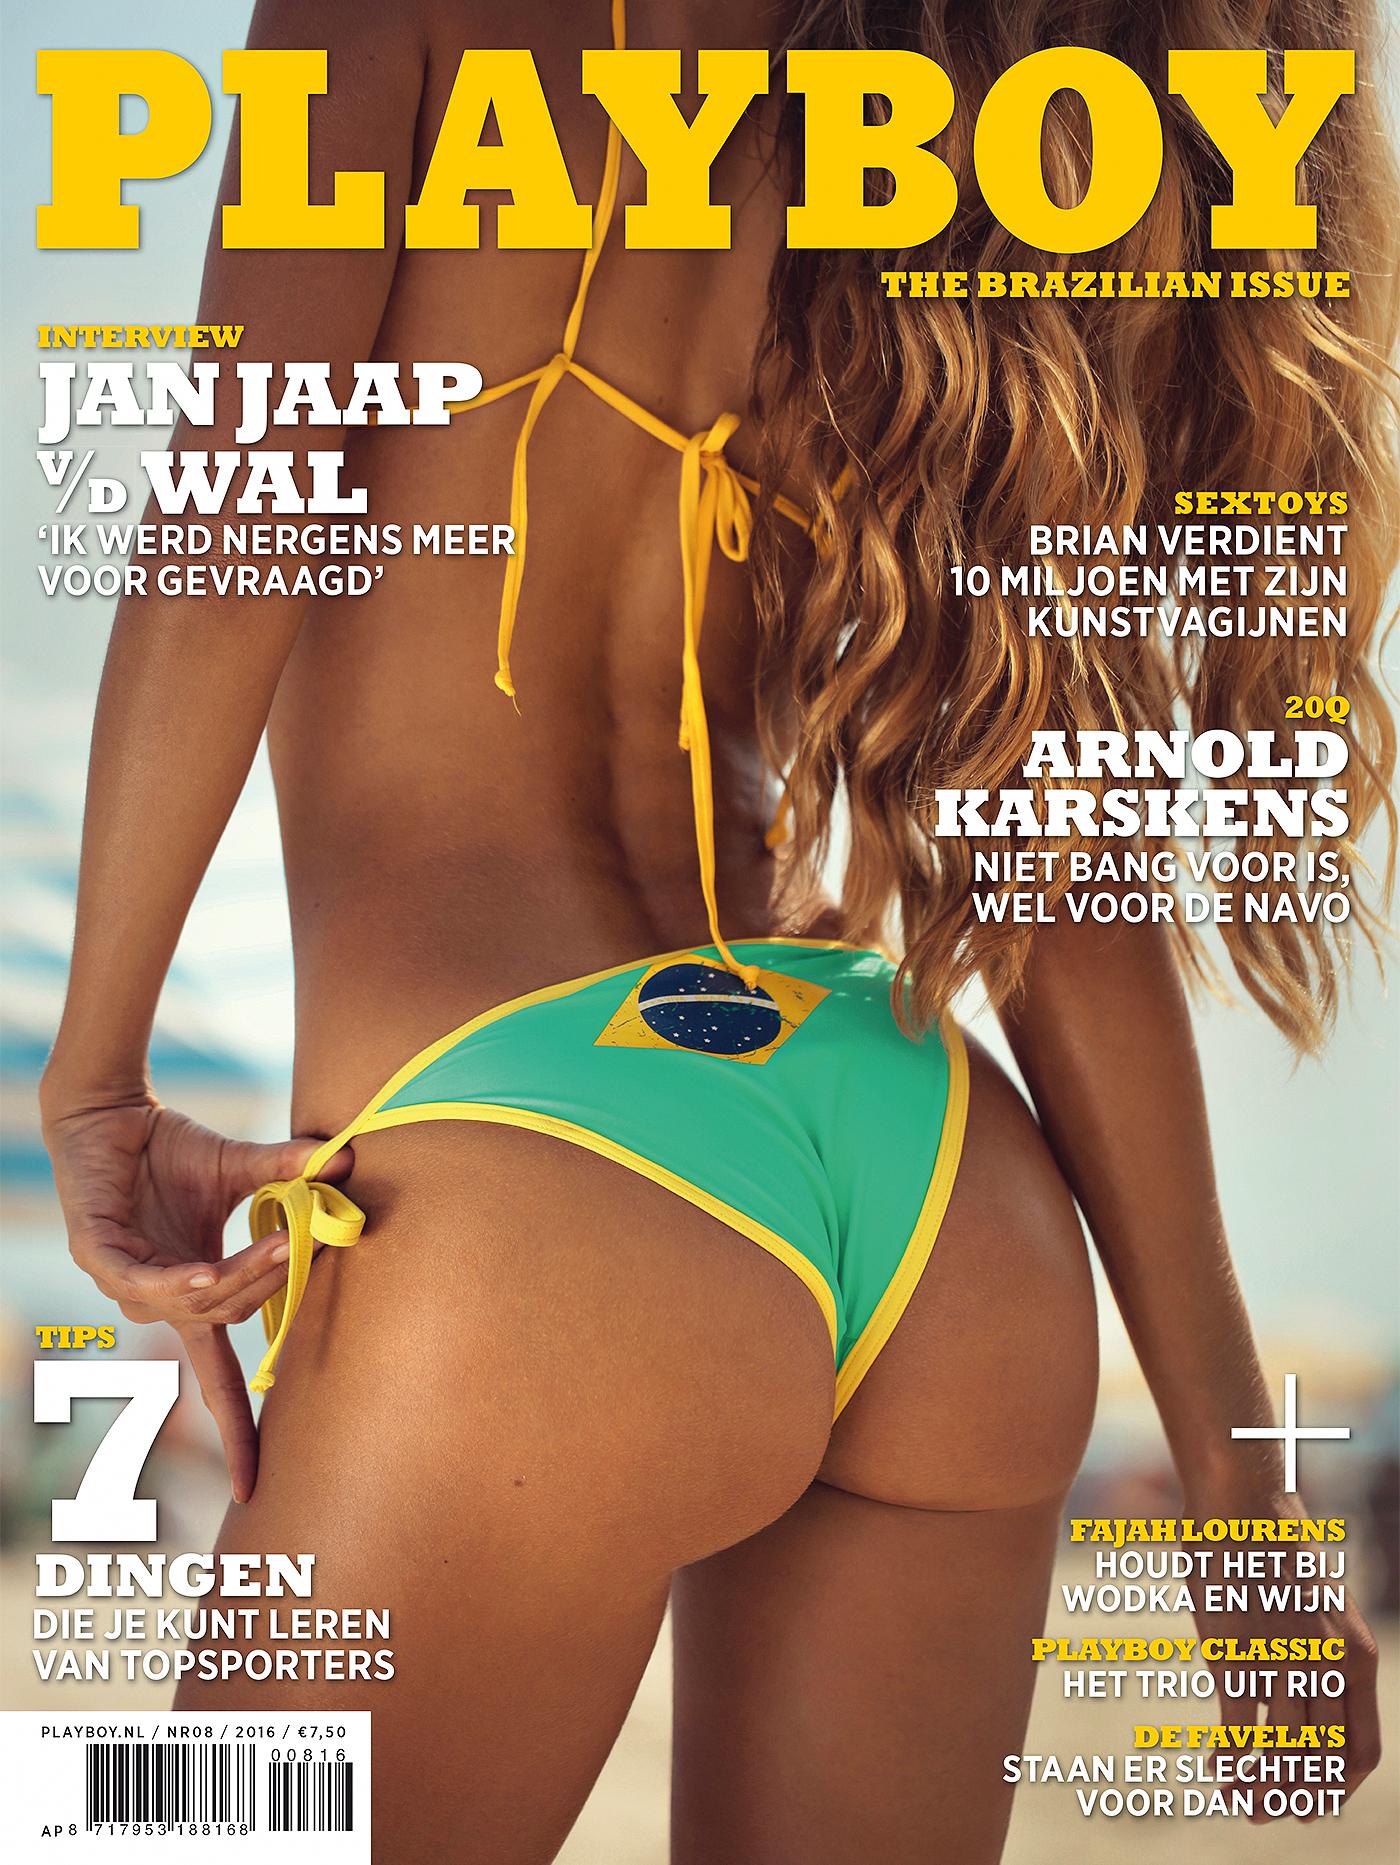 priscila uchoa by ana dias for playboy netherlands